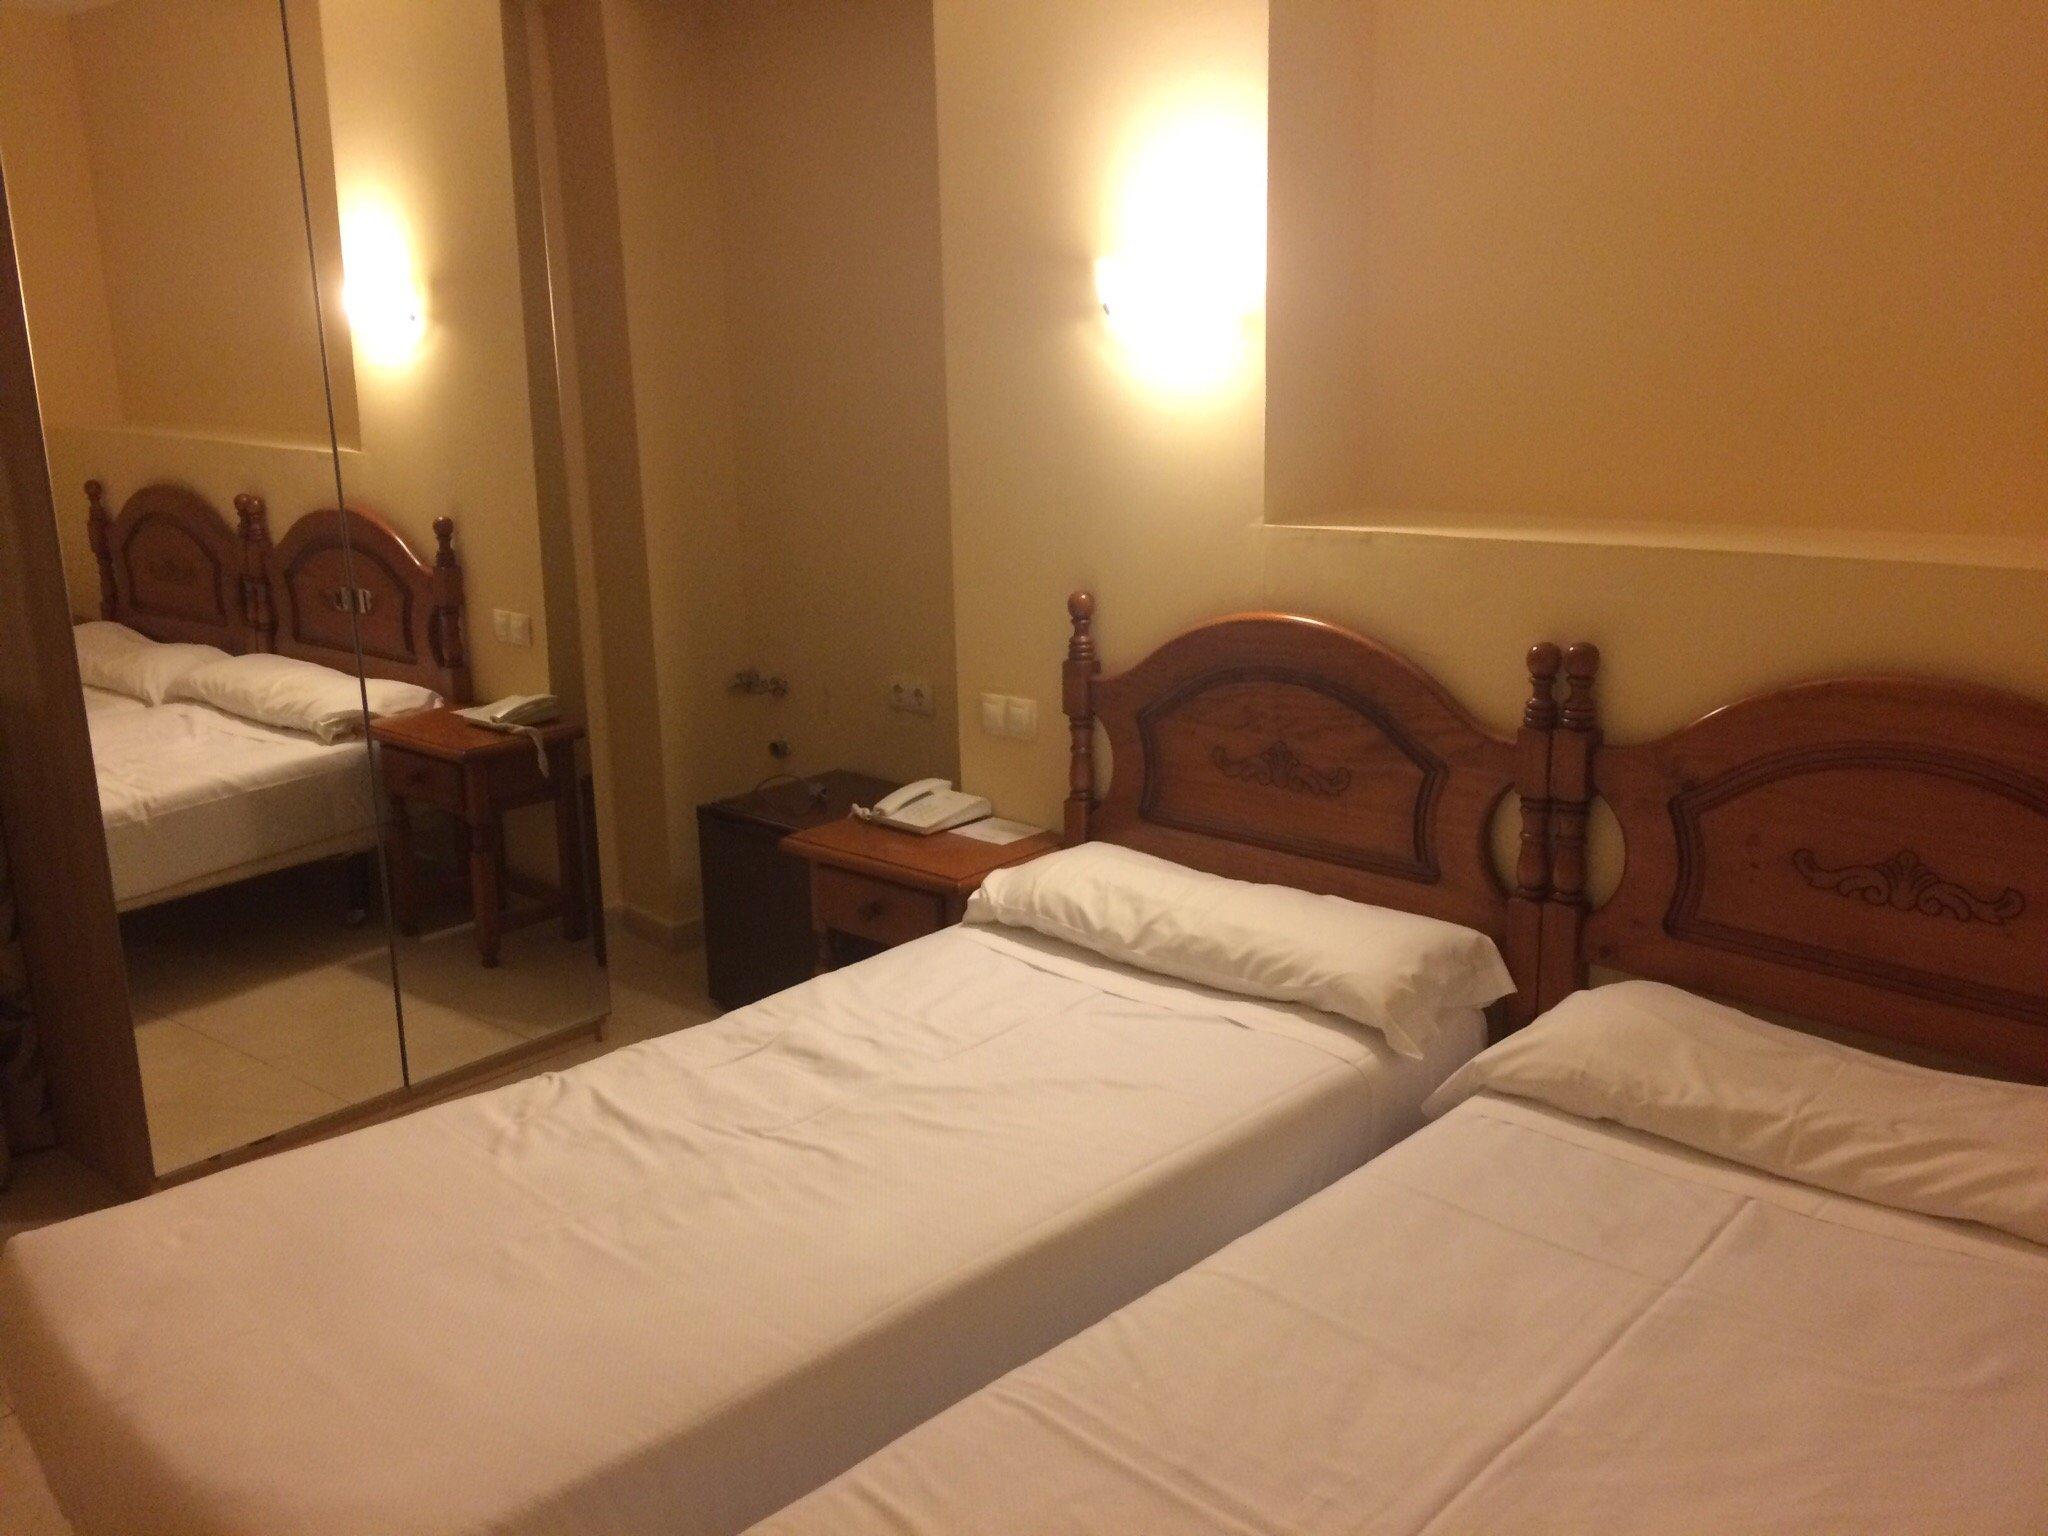 Malaga Eliseos Hotel